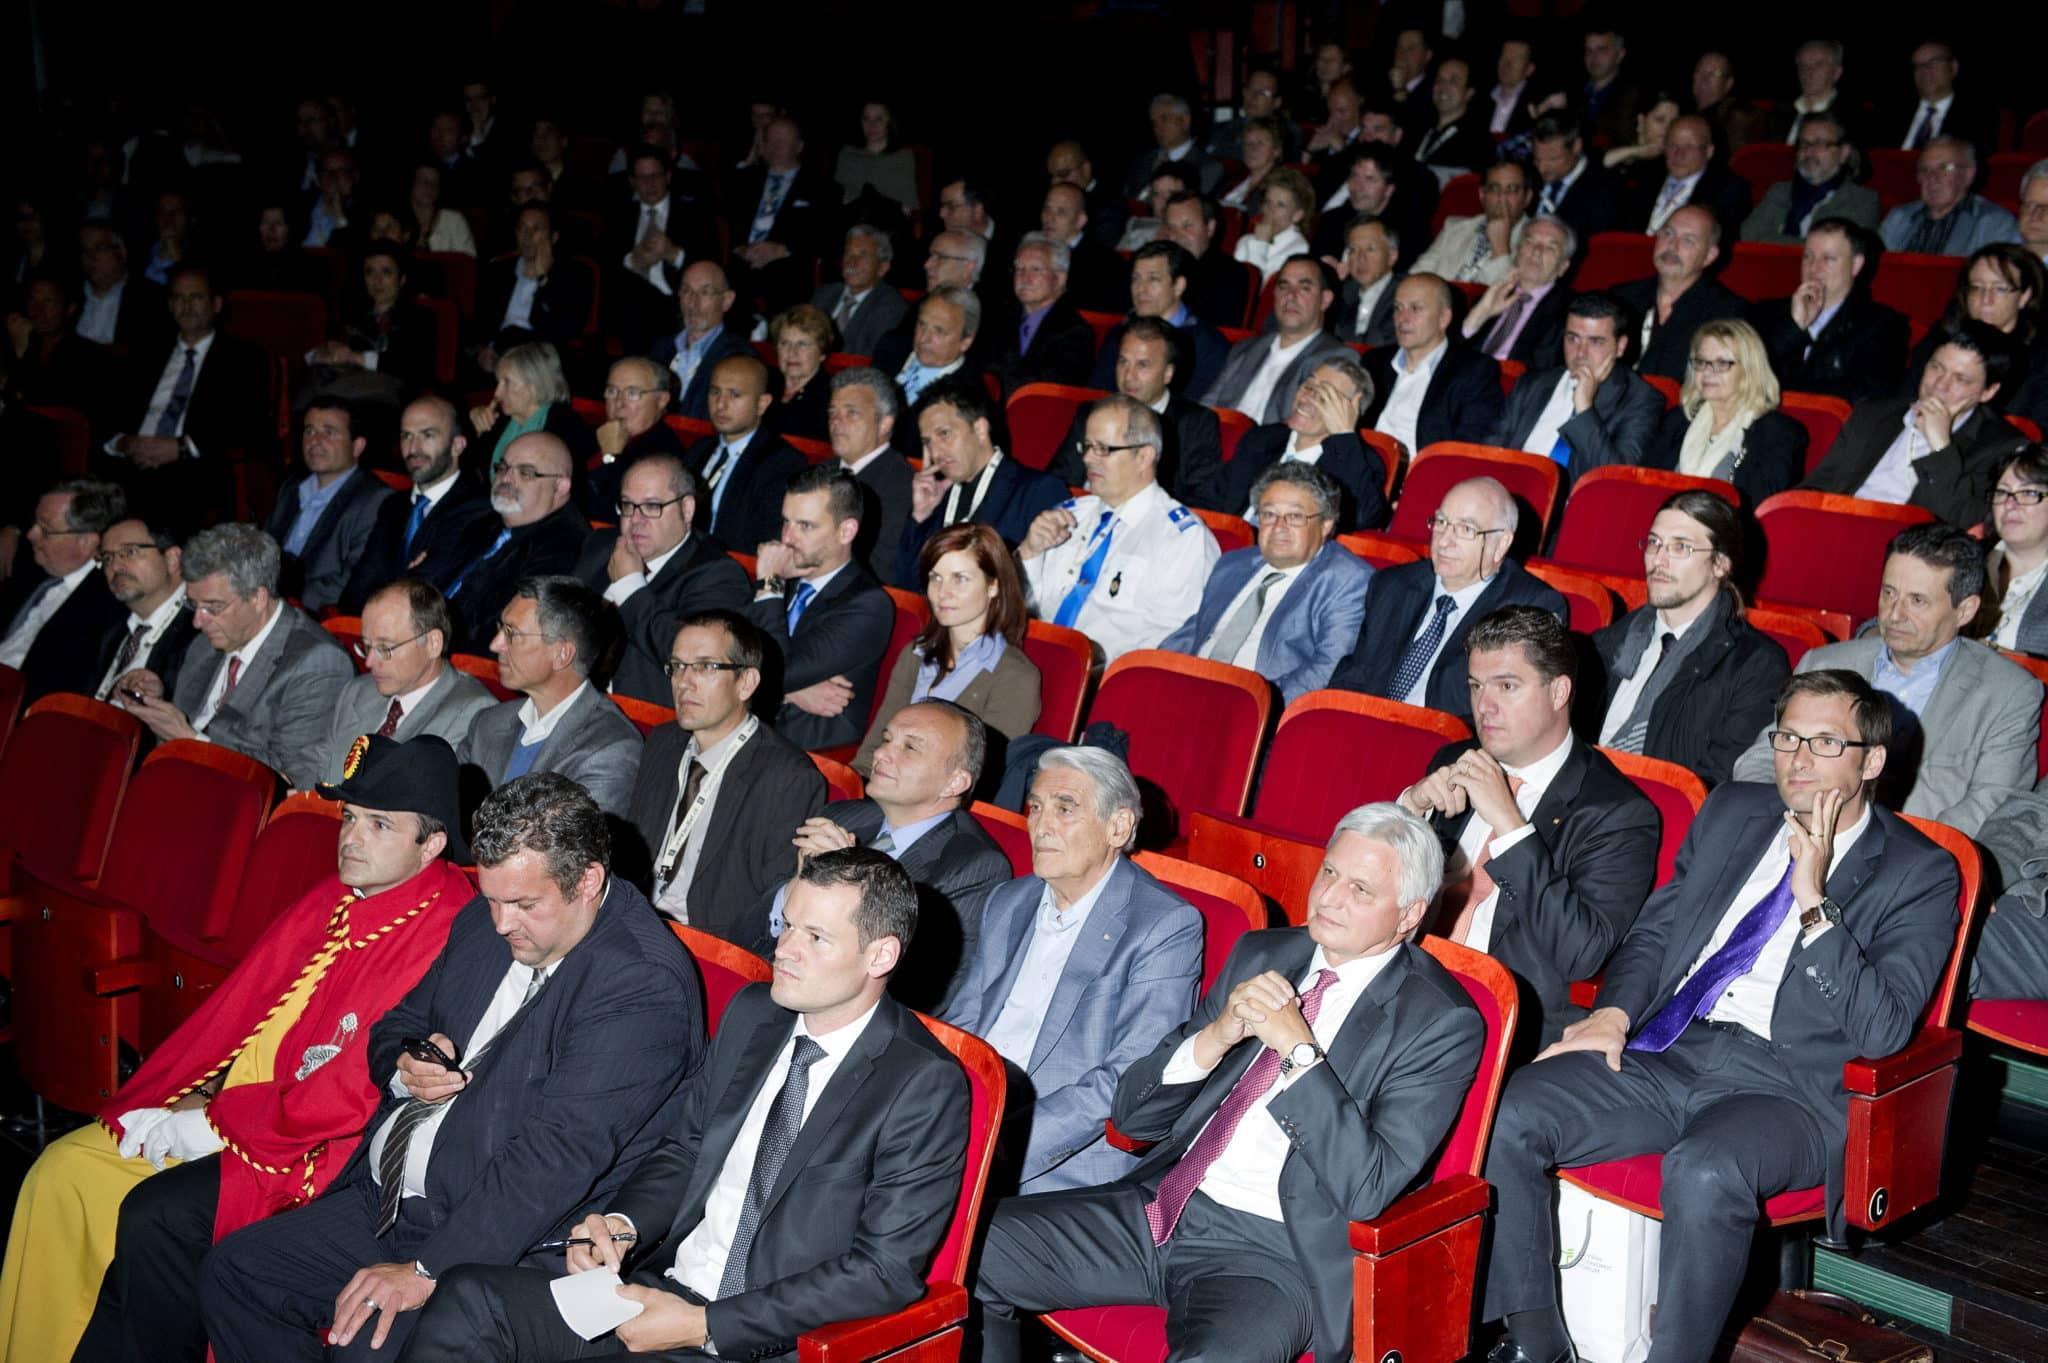 27/05/2014. Théâtre du Forum. Meyrin. Symposium du Forum Economique de Meyrin (MEF). Pierre Abensur/Commune de Meyrin.